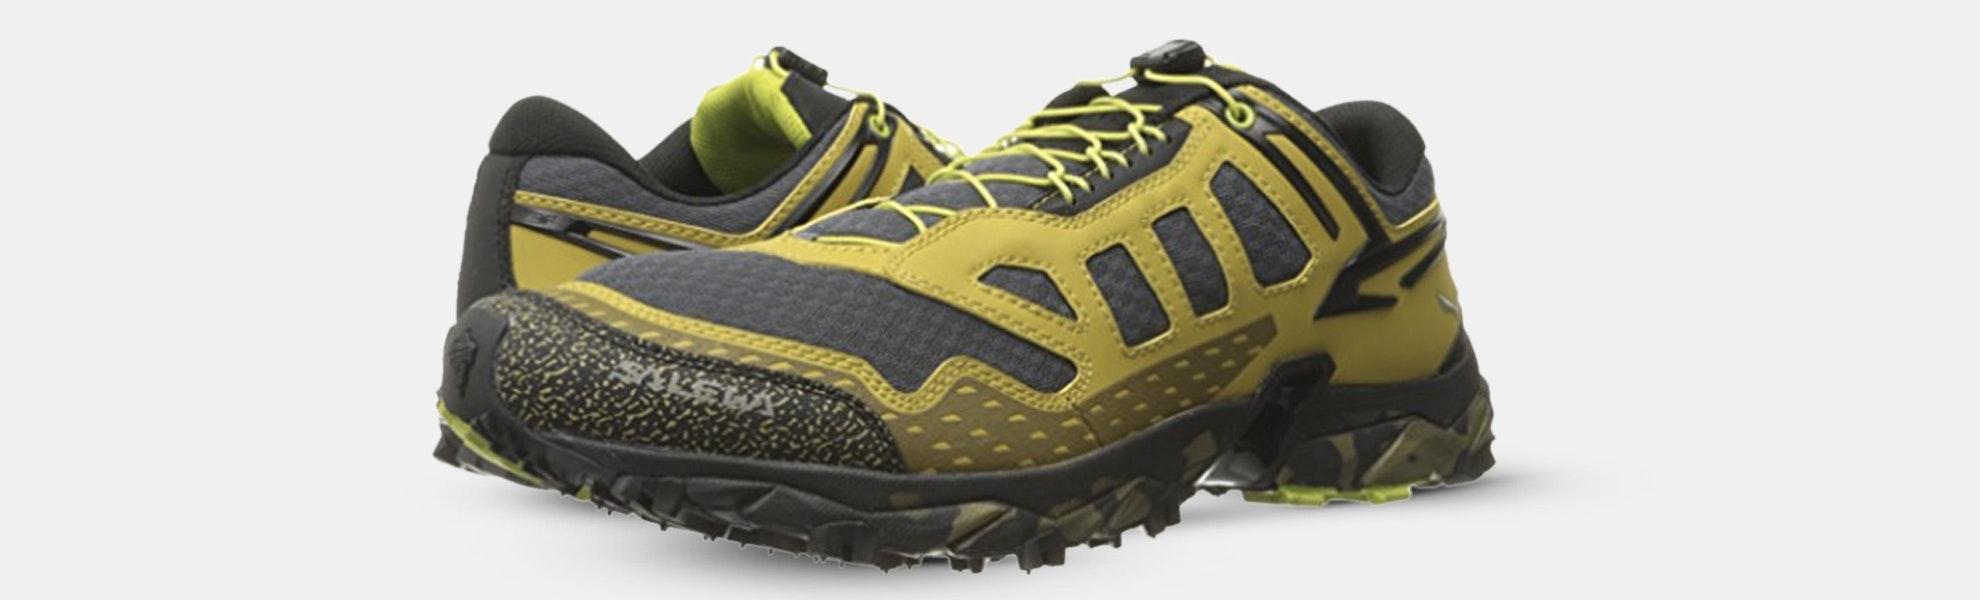 Salewa Ultra Train Trail Shoes